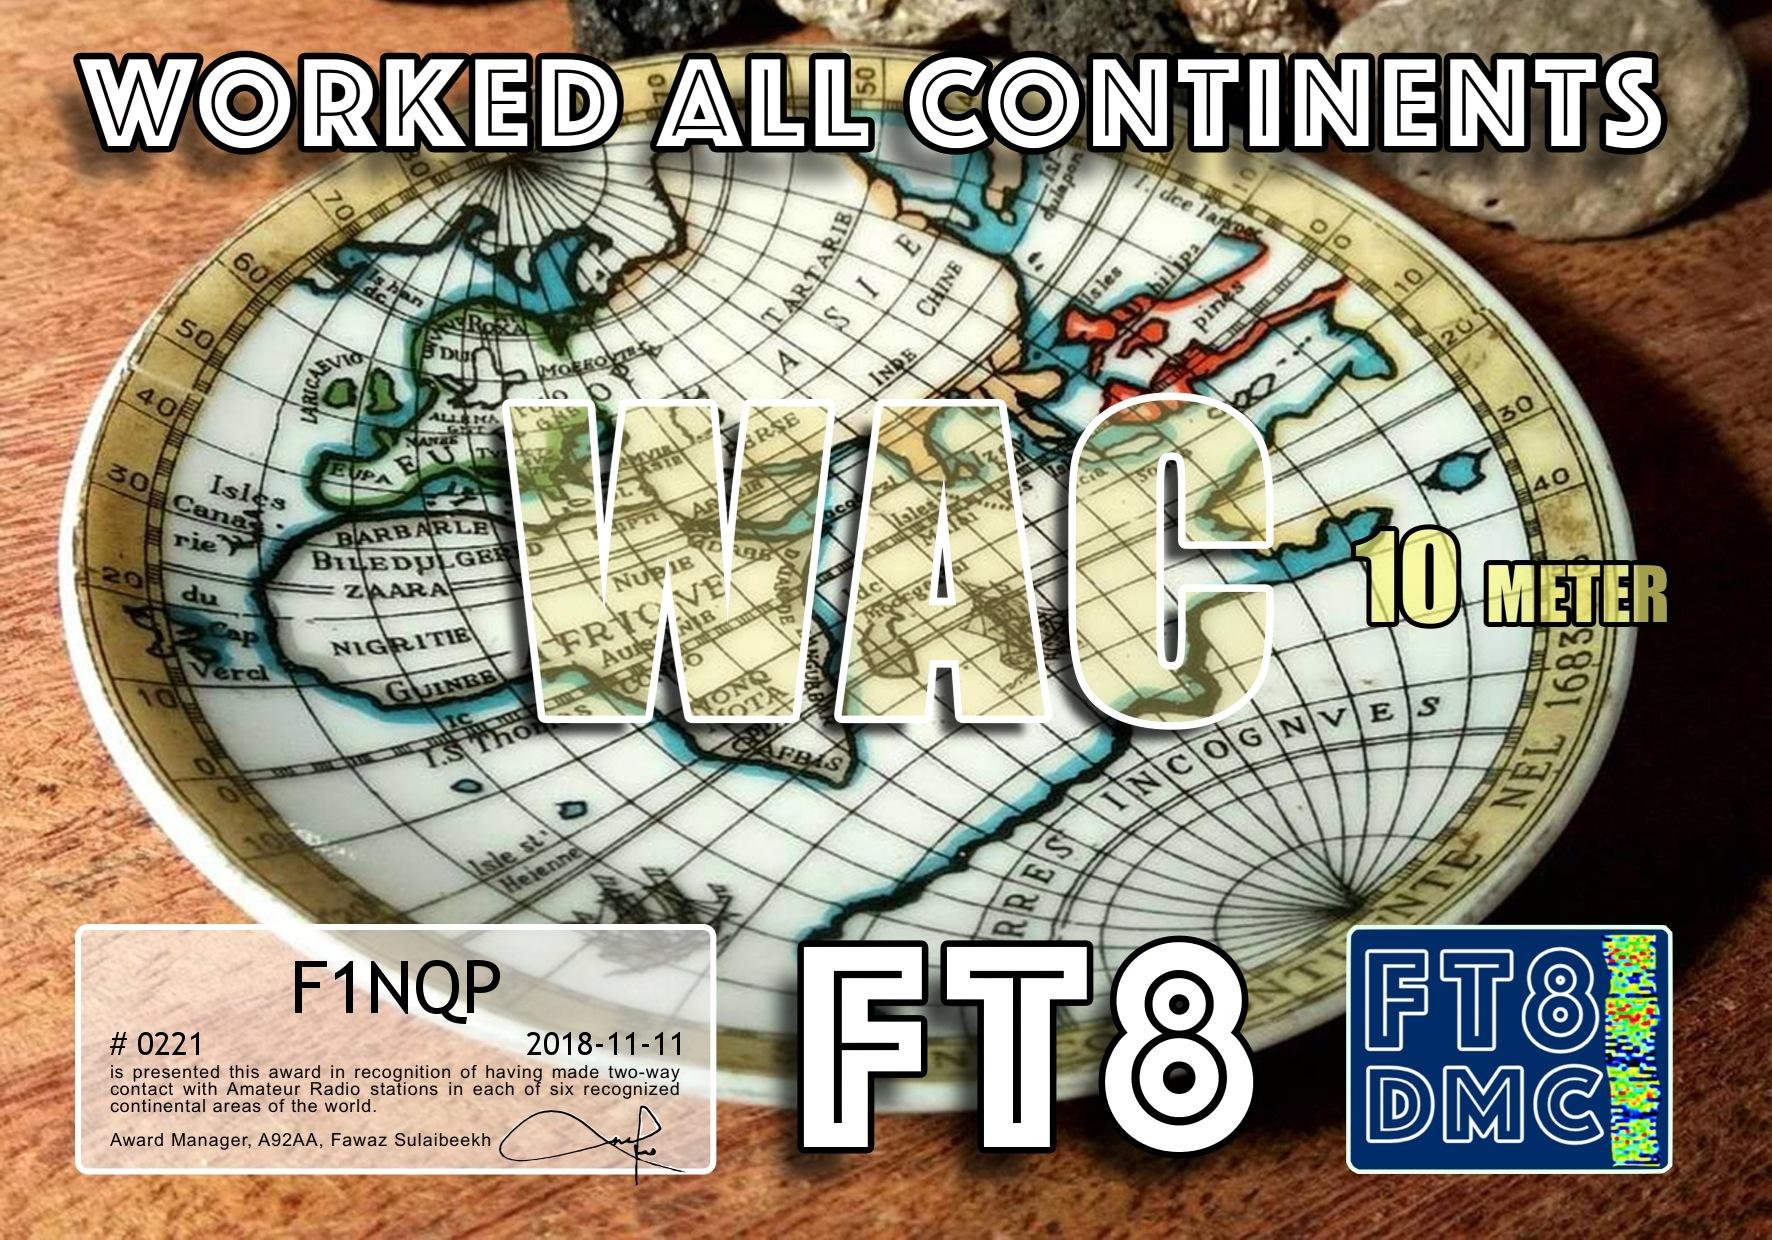 F1NQP-WAC-10M.jpg